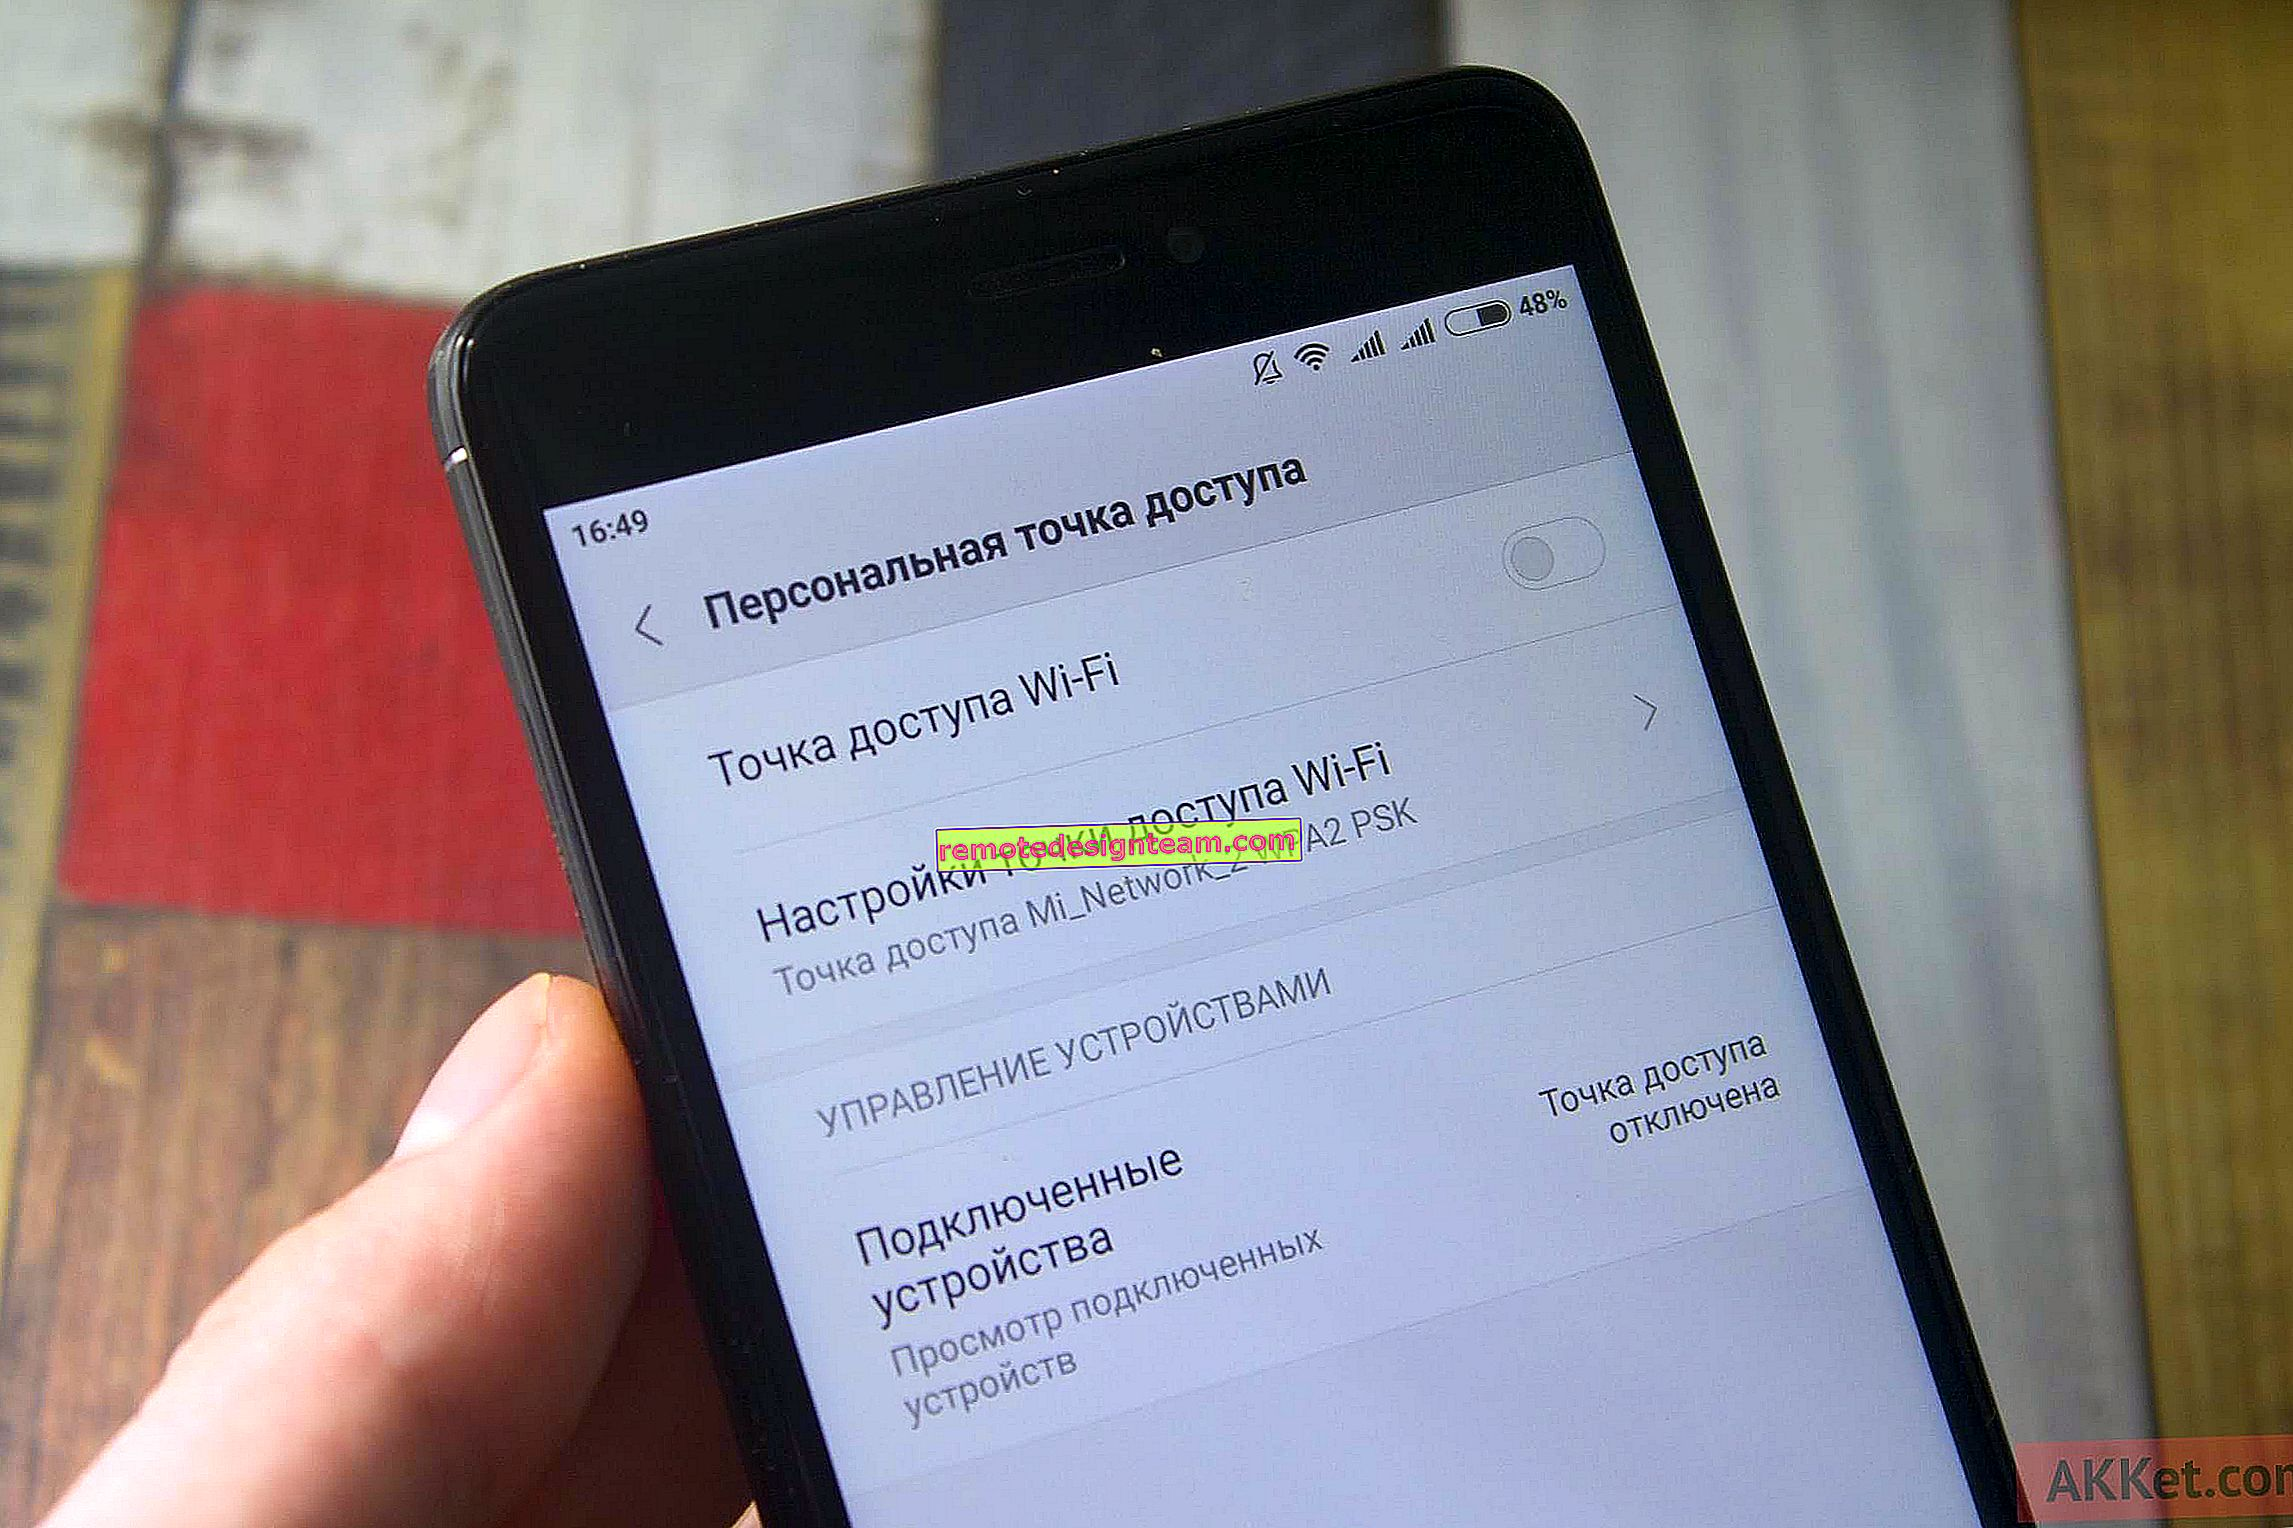 AndroidスマートフォンMeizuでWi-Fi経由でインターネットを配布する方法